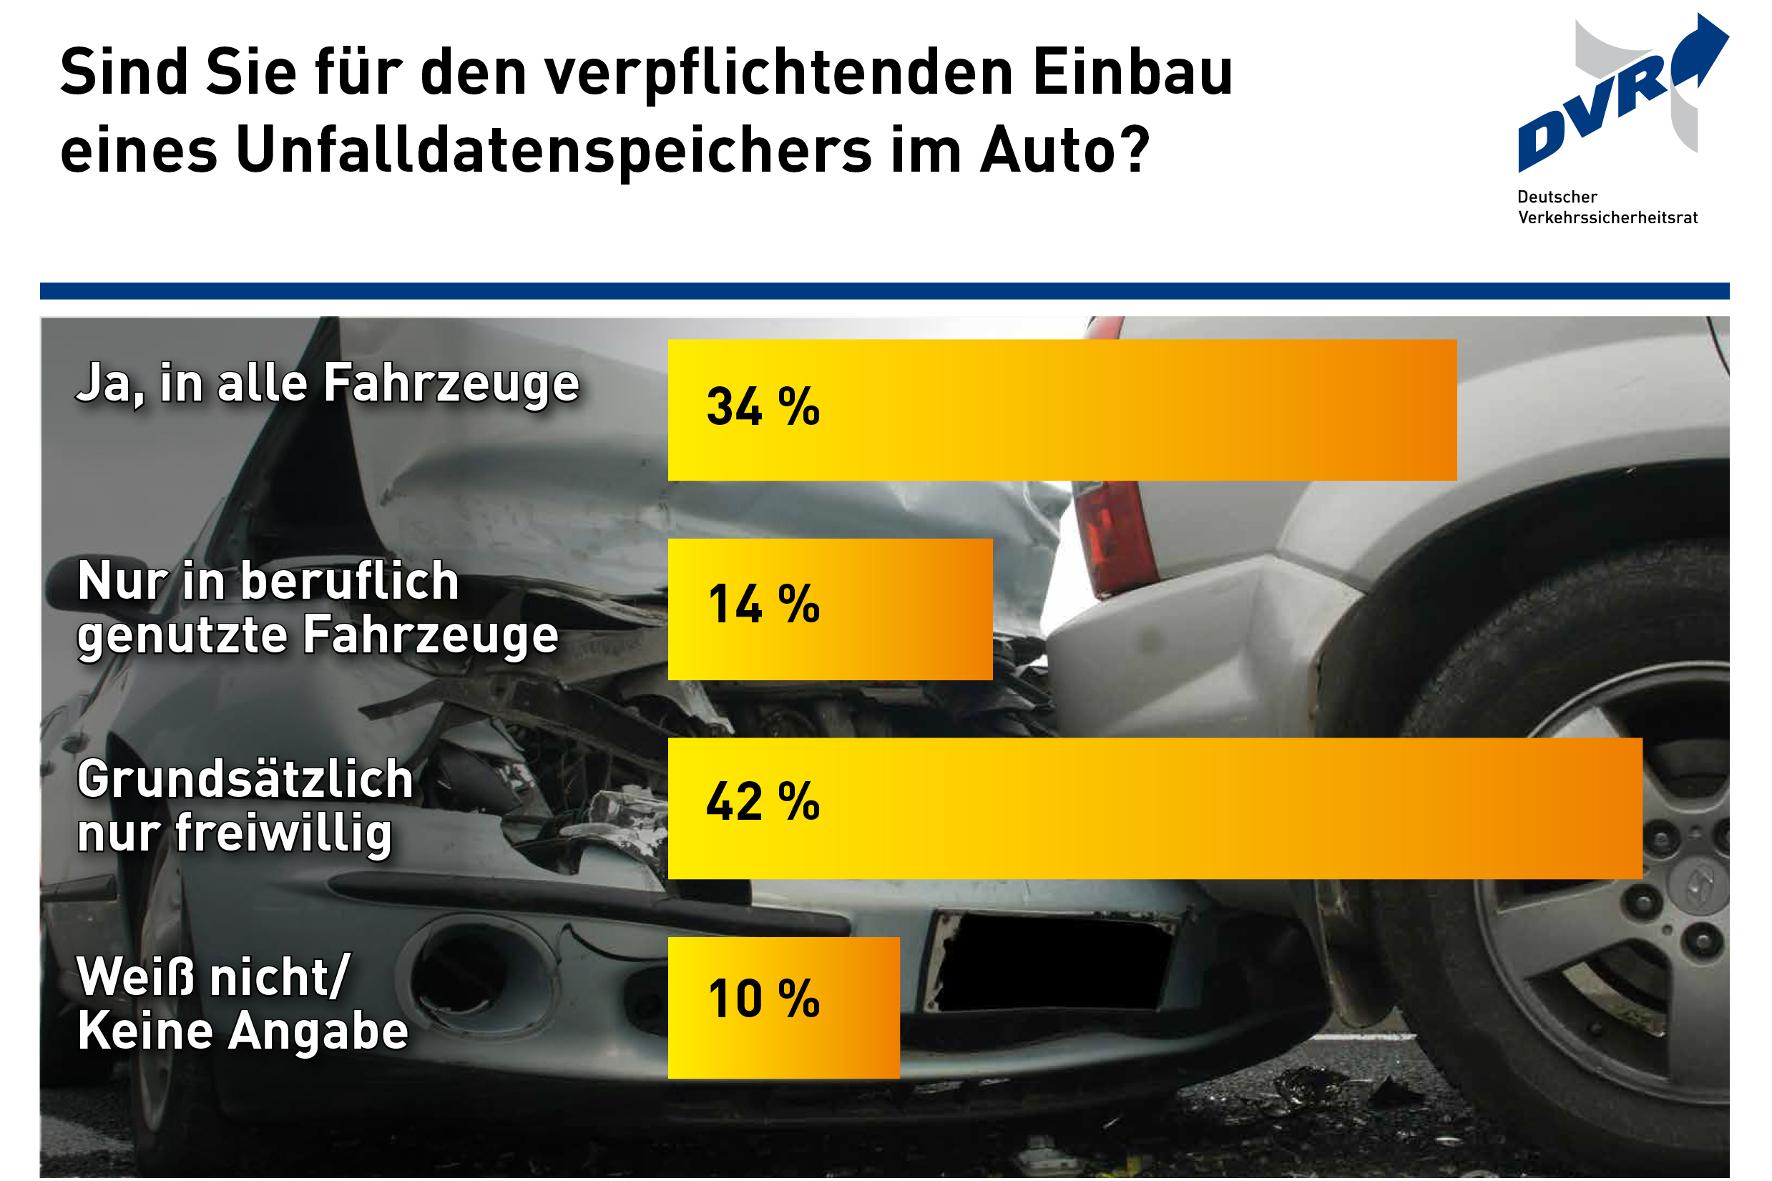 mid Groß-Gerau - Keine klaren Mehrheiten: Der obligatorische Einbau von Unfalldatenspeichern bleibt umstritten. DVR